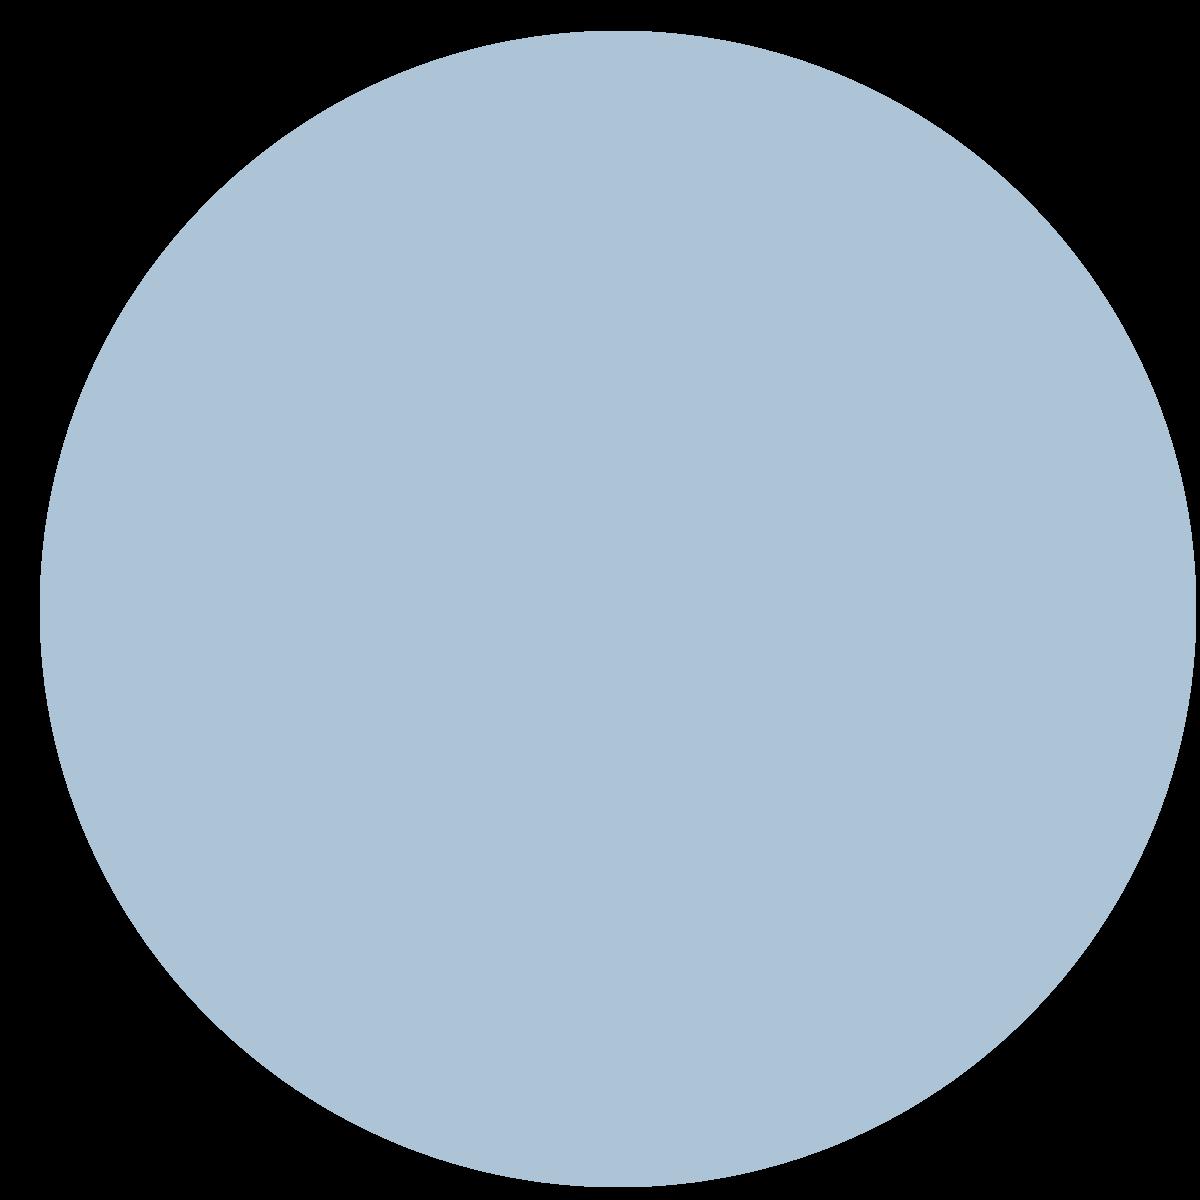 Kreis Hintergrundbild